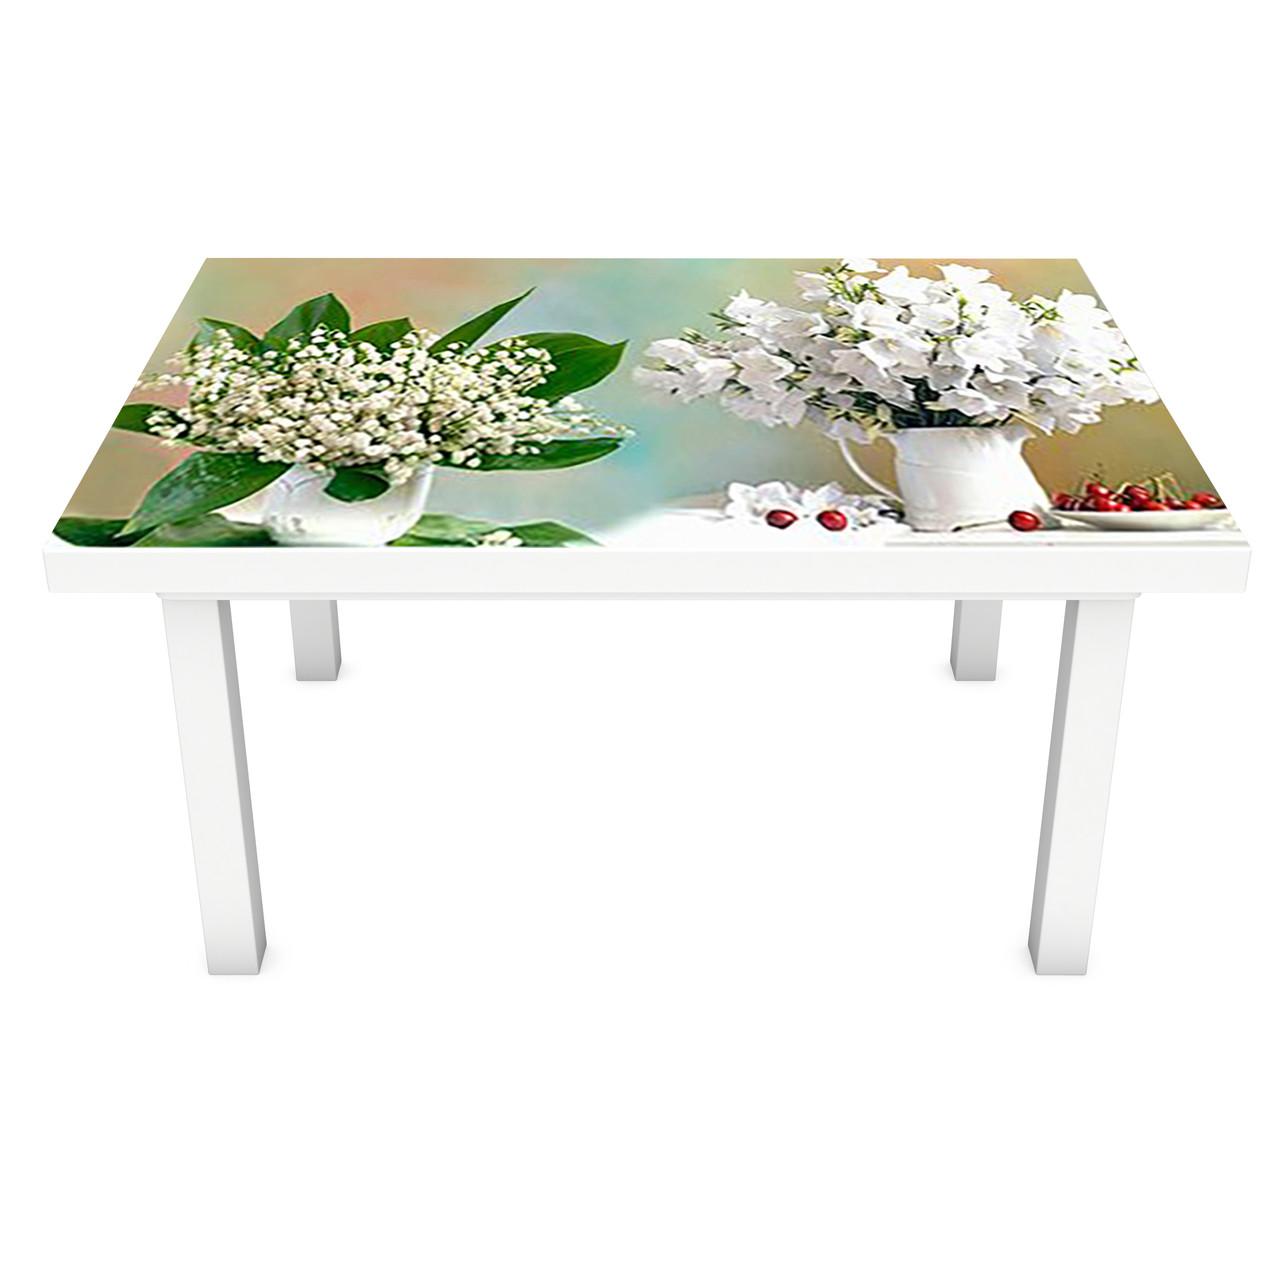 Наклейка на стіл вінілова Квіти і Ягоди 02 на меблі інтер'єрна ПВХ ромашки тюльпани конвалії 600*1200 мм